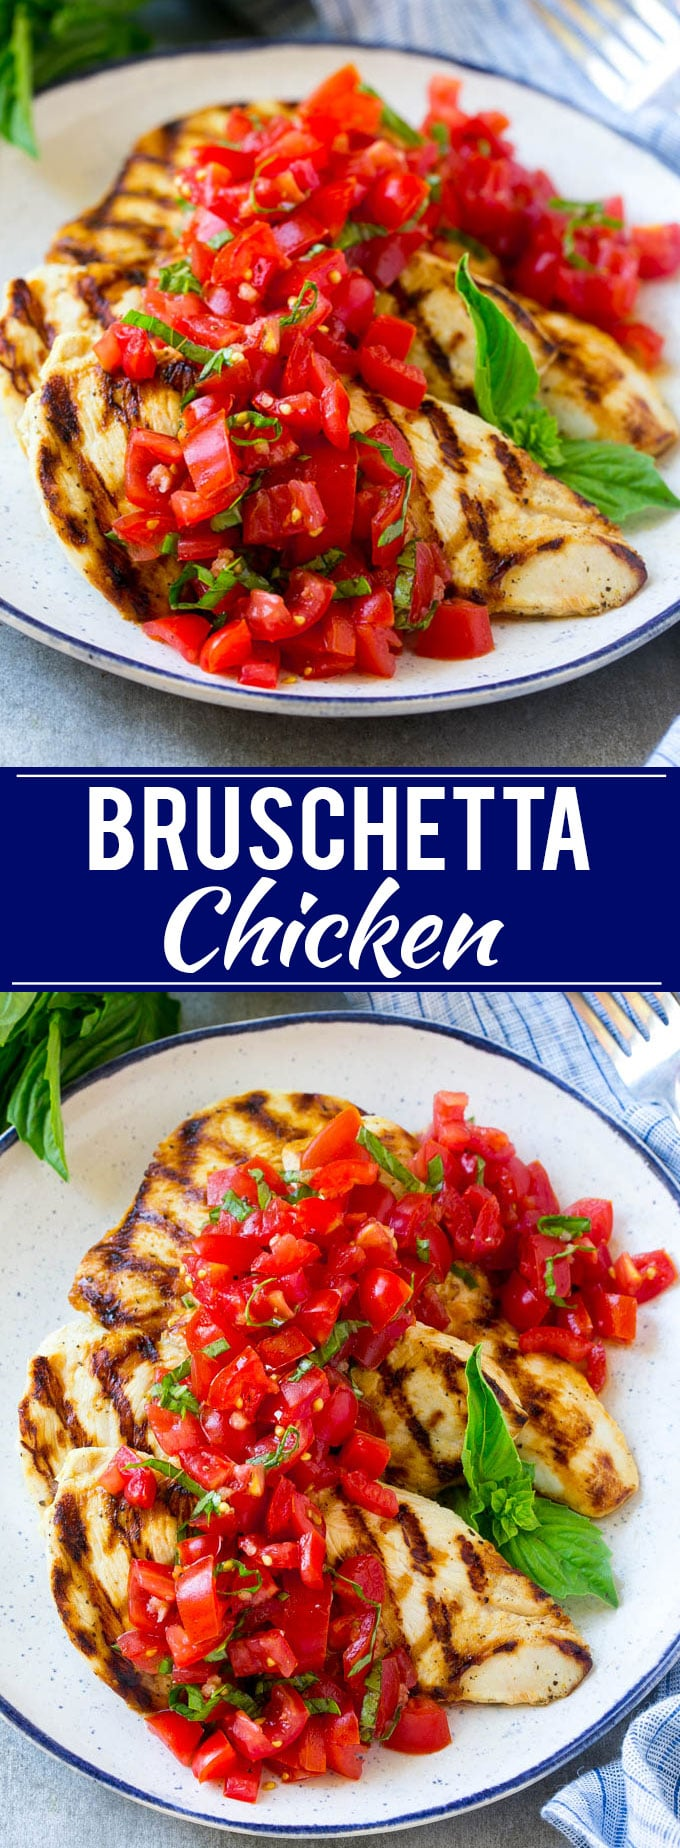 Bruschetta Chicken Recipe | Grilled Chicken Recipe | Chicken Bruschetta | Bruschetta Recipe